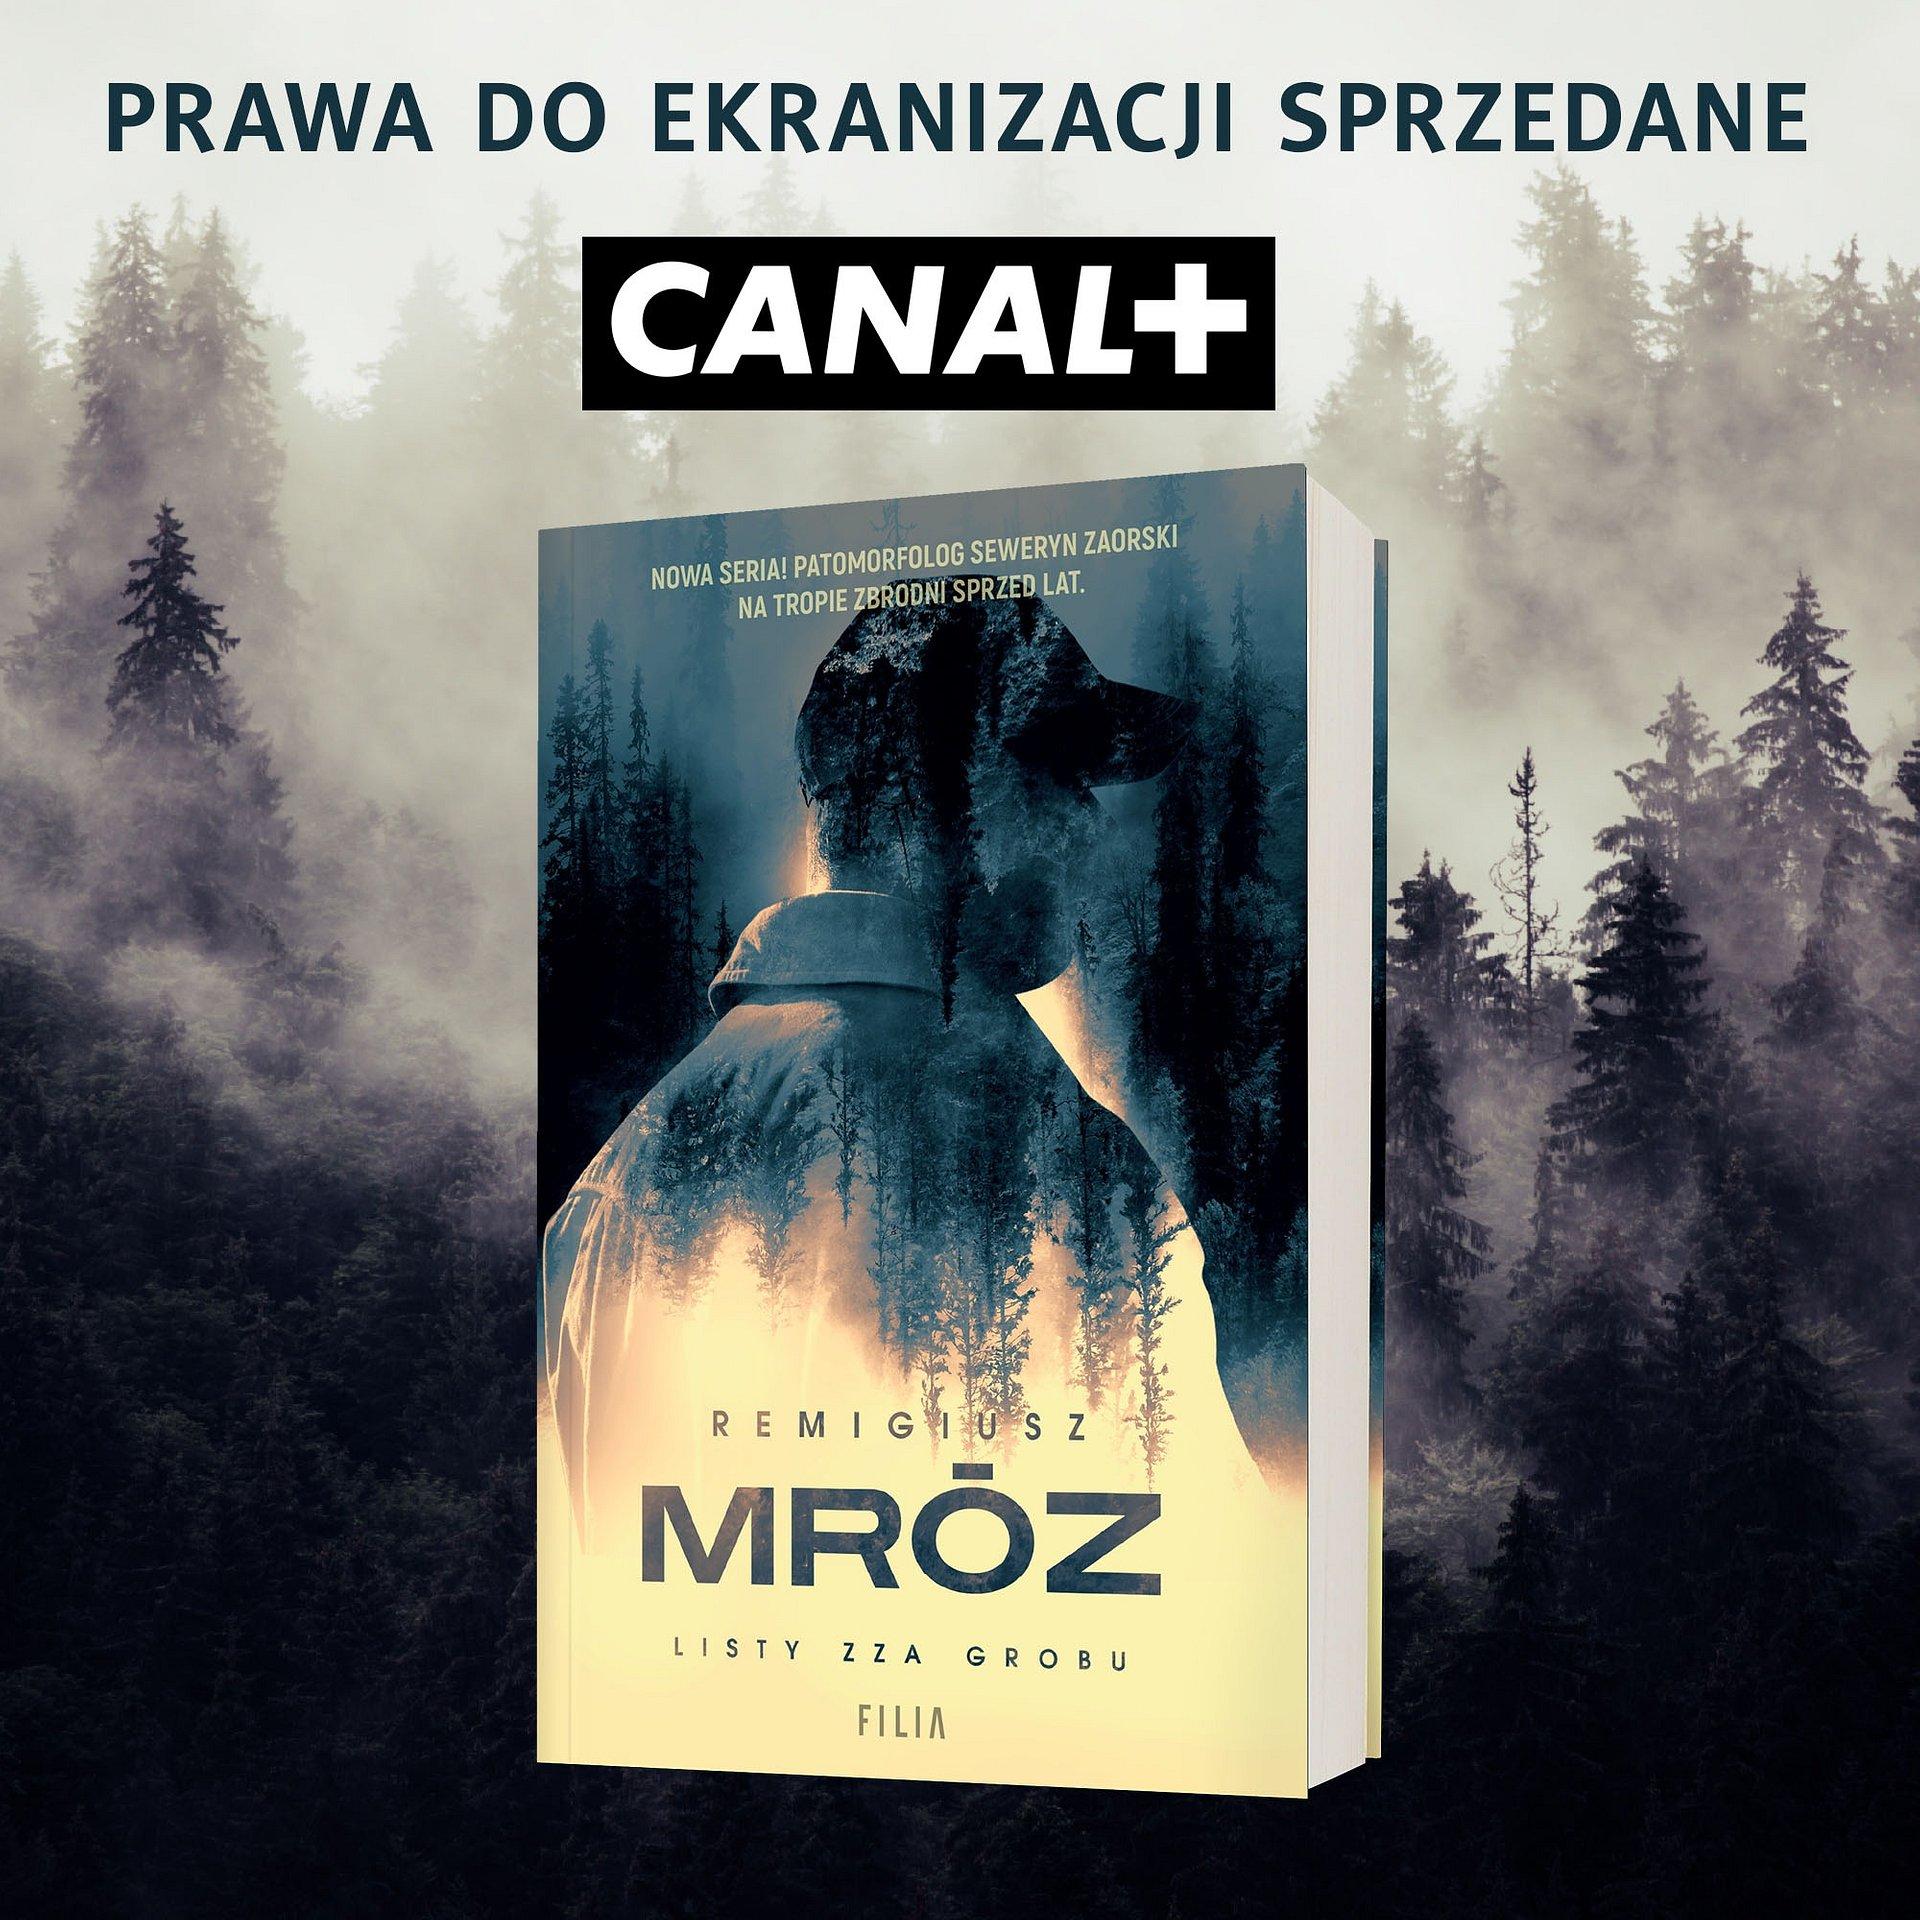 """CANAL+ kupił prawa do ekranizacji """"Listów zza grobu"""" Remigiusza Mroza"""